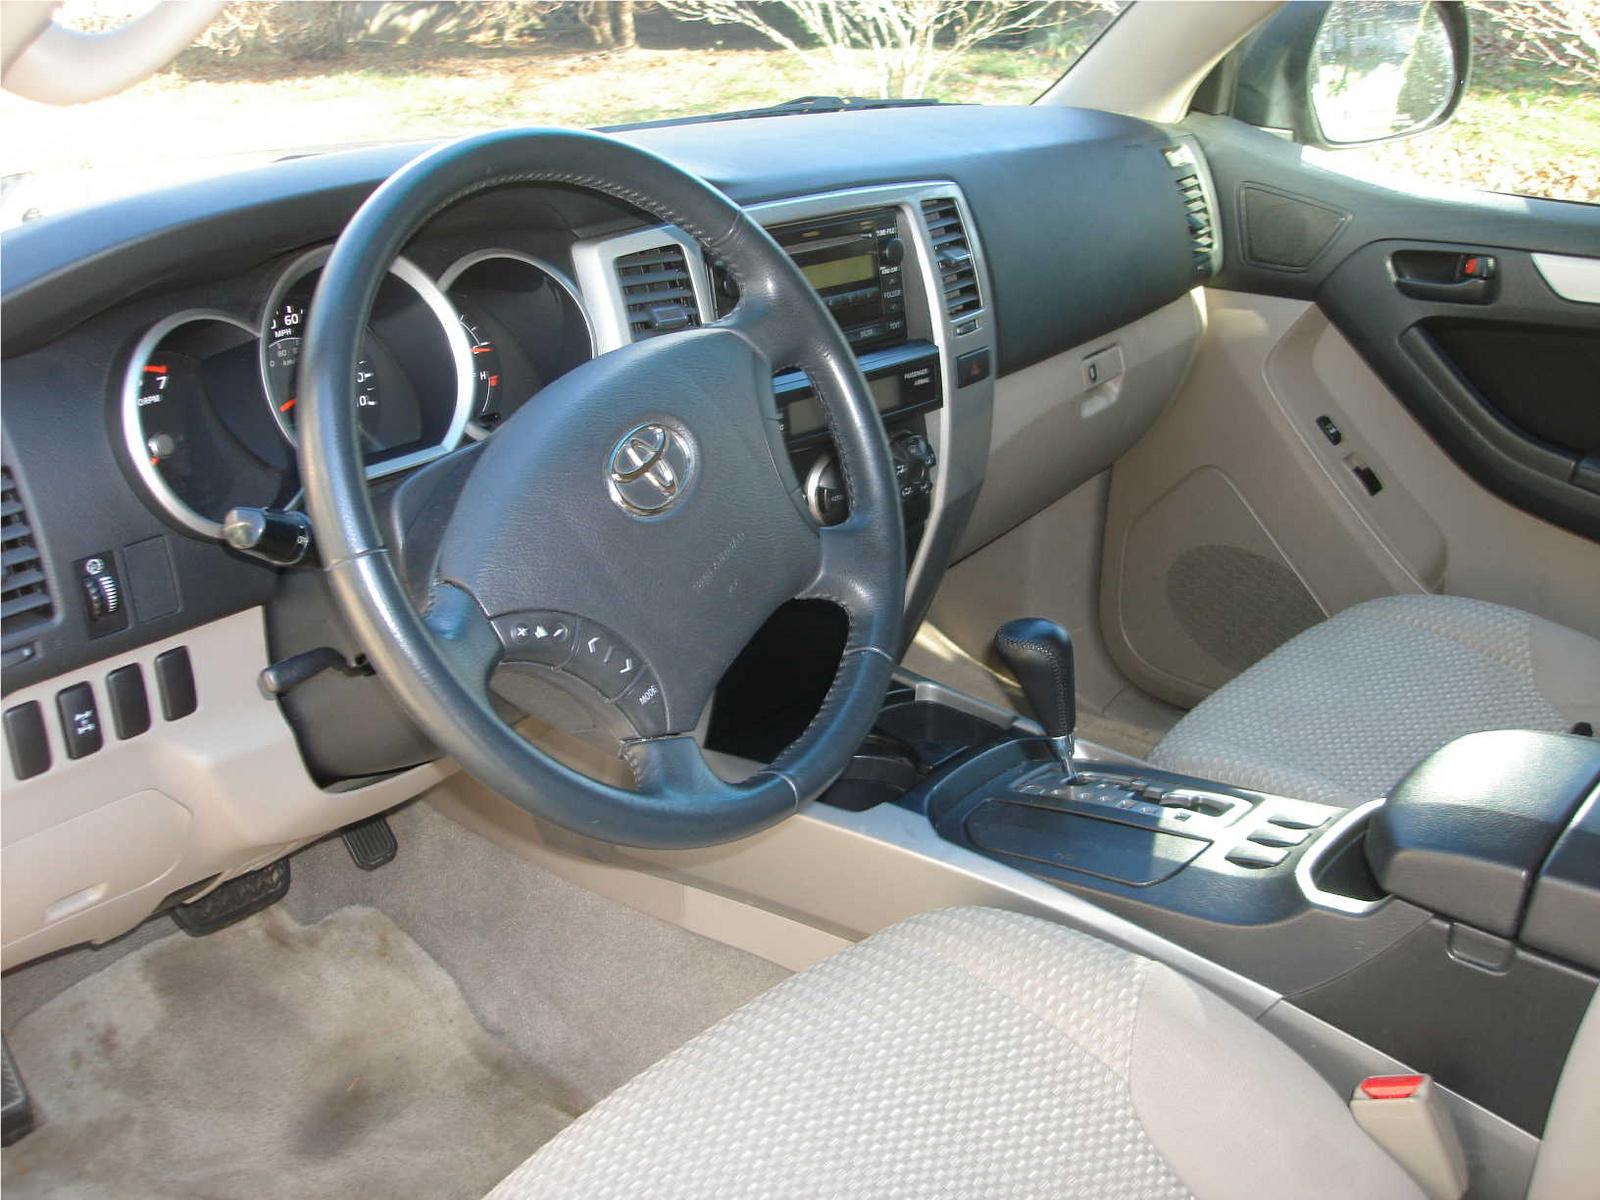 2006 Toyota 4runner Interior Pictures Cargurus